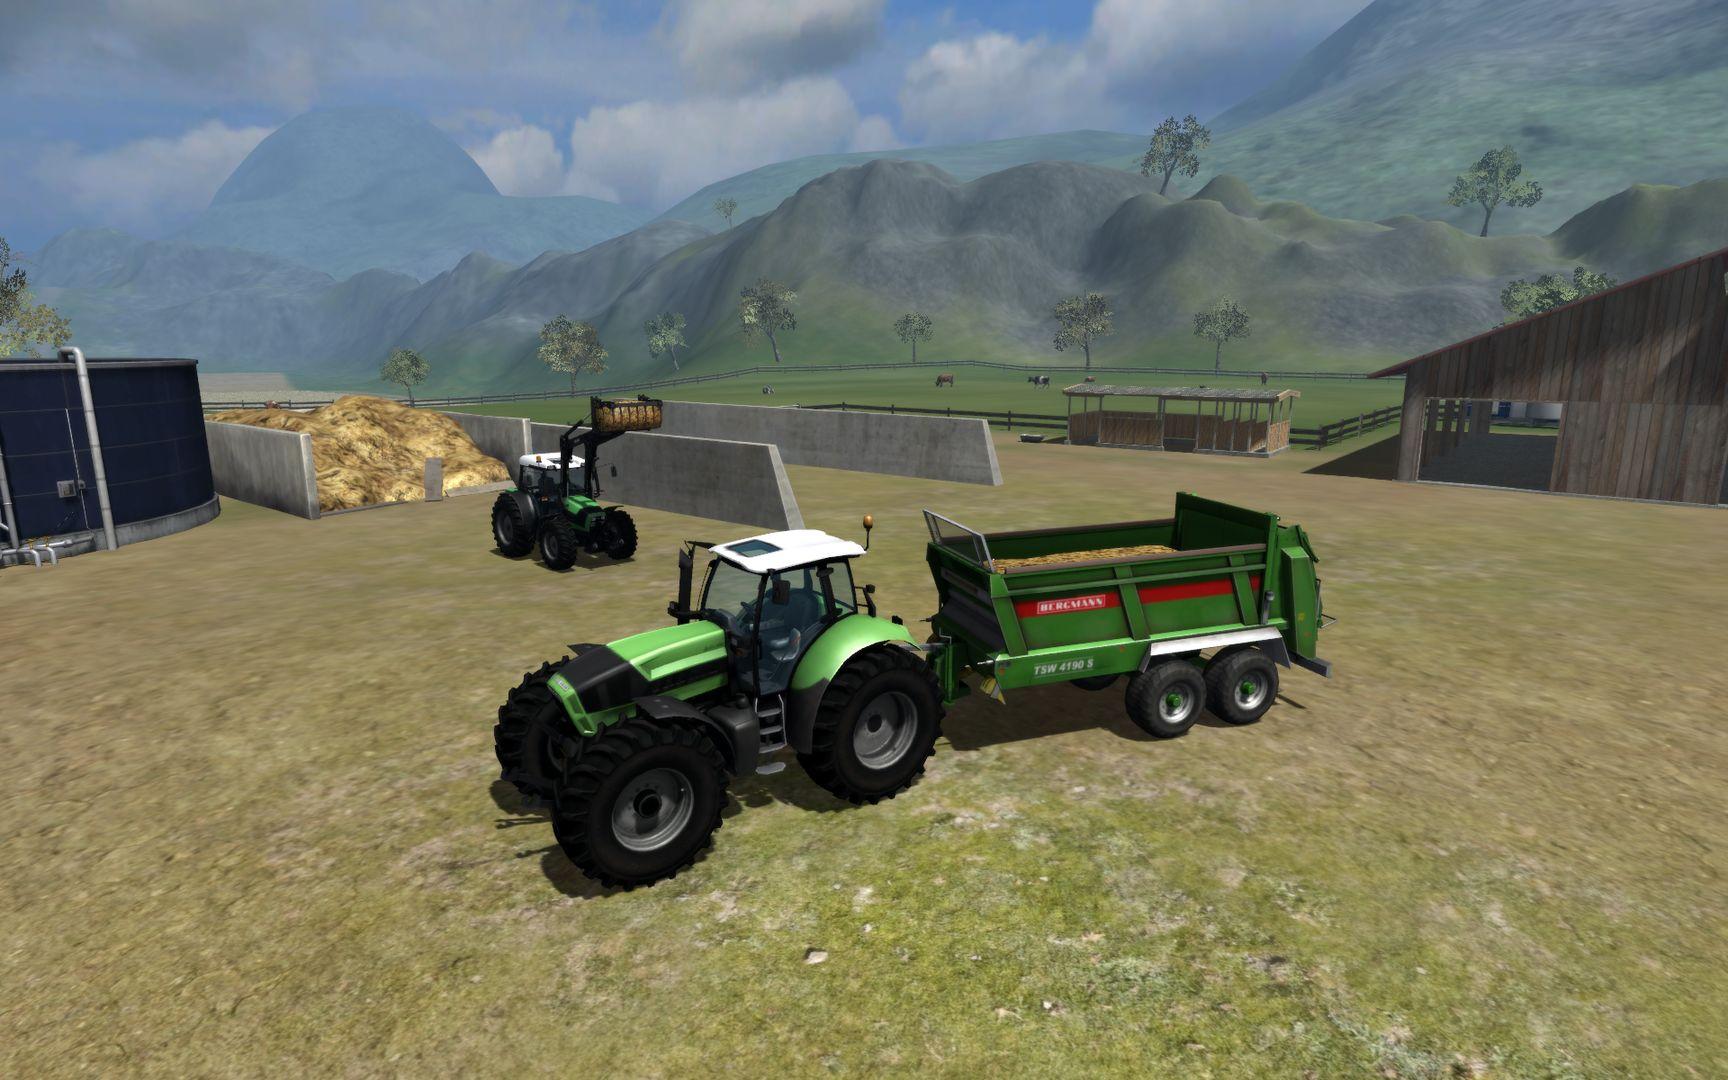 landwirtschafts simulator 2011 dlc pack 2 galerie gamersglobal. Black Bedroom Furniture Sets. Home Design Ideas